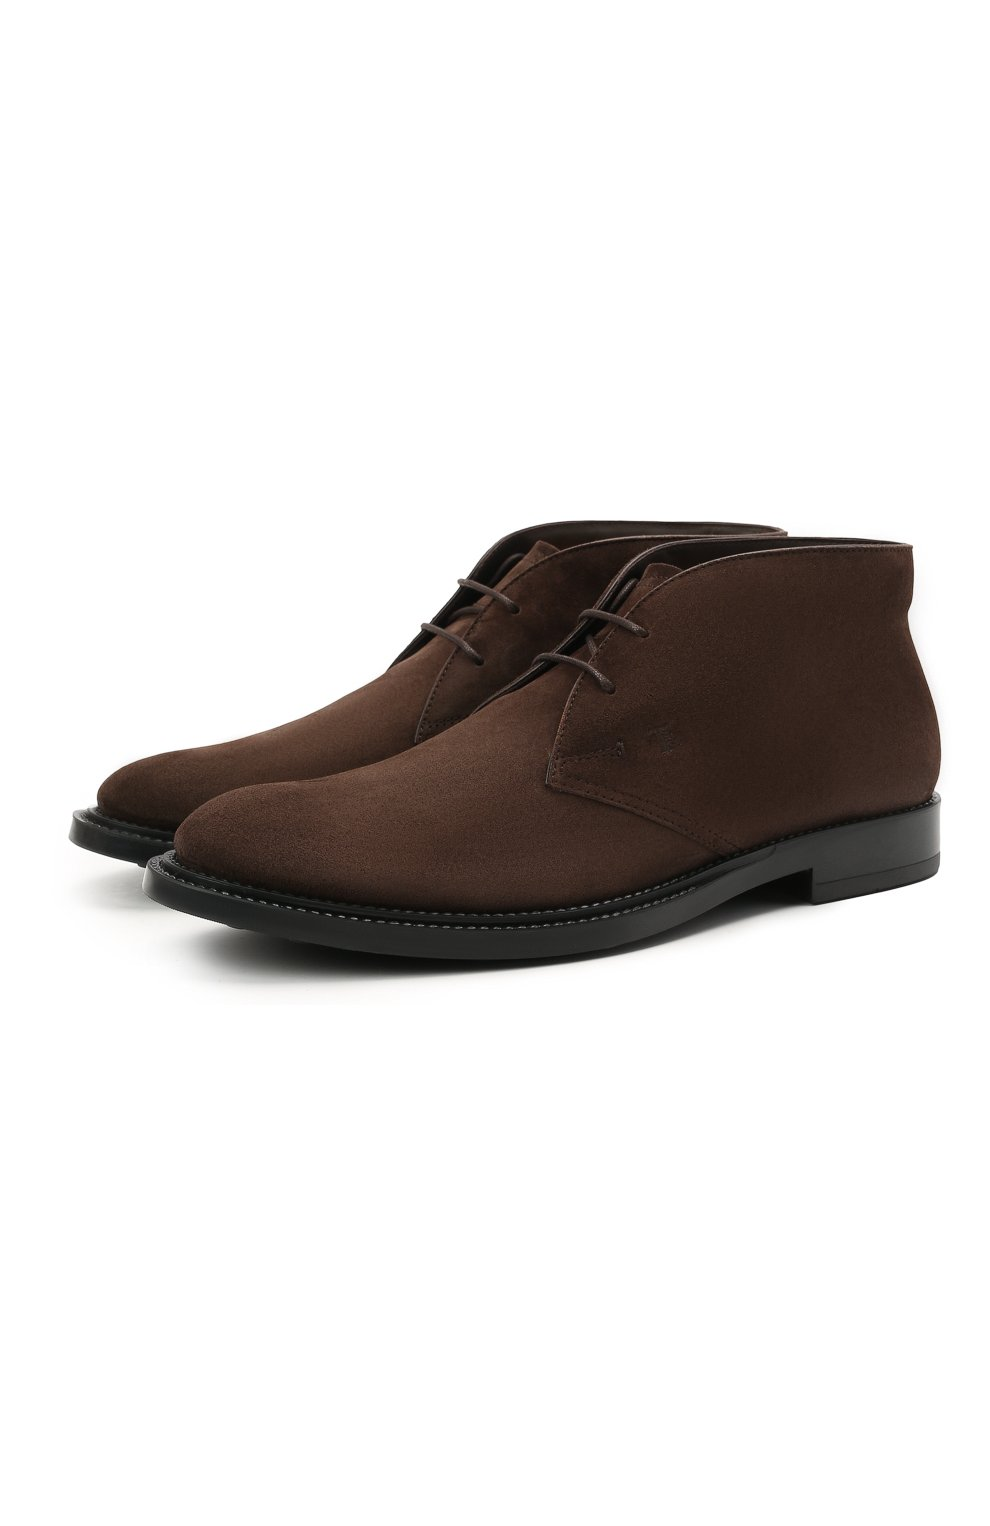 Мужские замшевые ботинки TOD'S темно-коричневого цвета, арт. XXM62C0DH60RE0   Фото 1 (Мужское Кросс-КТ: Ботинки-обувь, Дезерты-обувь; Материал внутренний: Натуральная кожа; Подошва: Плоская; Материал внешний: Замша)